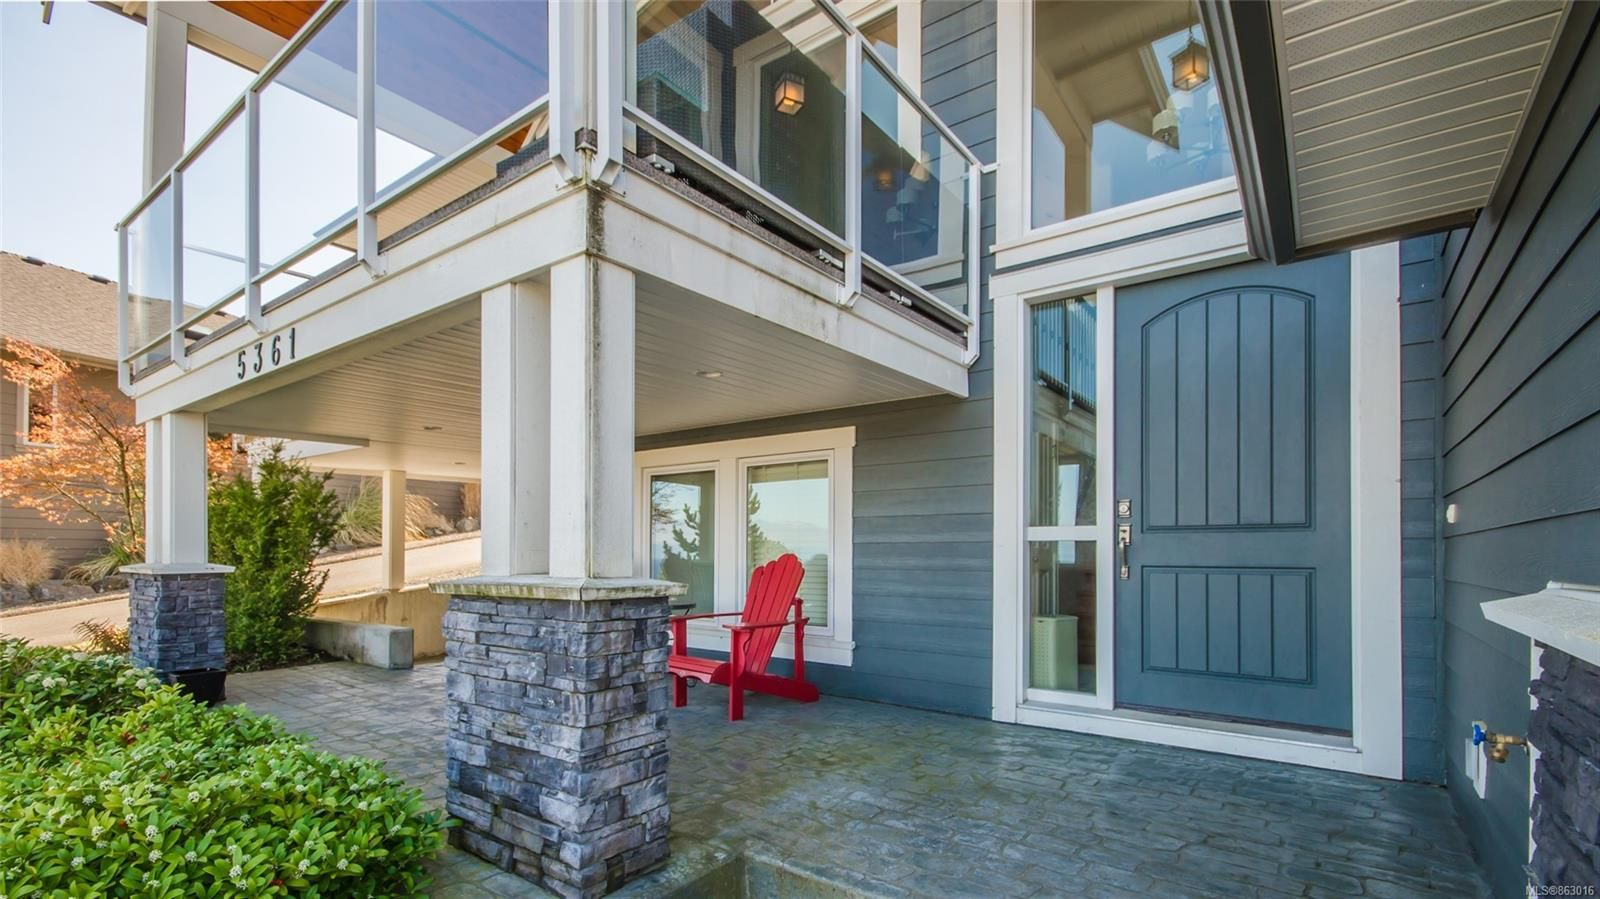 Photo 26: Photos: 5361 Laguna Way in : Na North Nanaimo House for sale (Nanaimo)  : MLS®# 863016